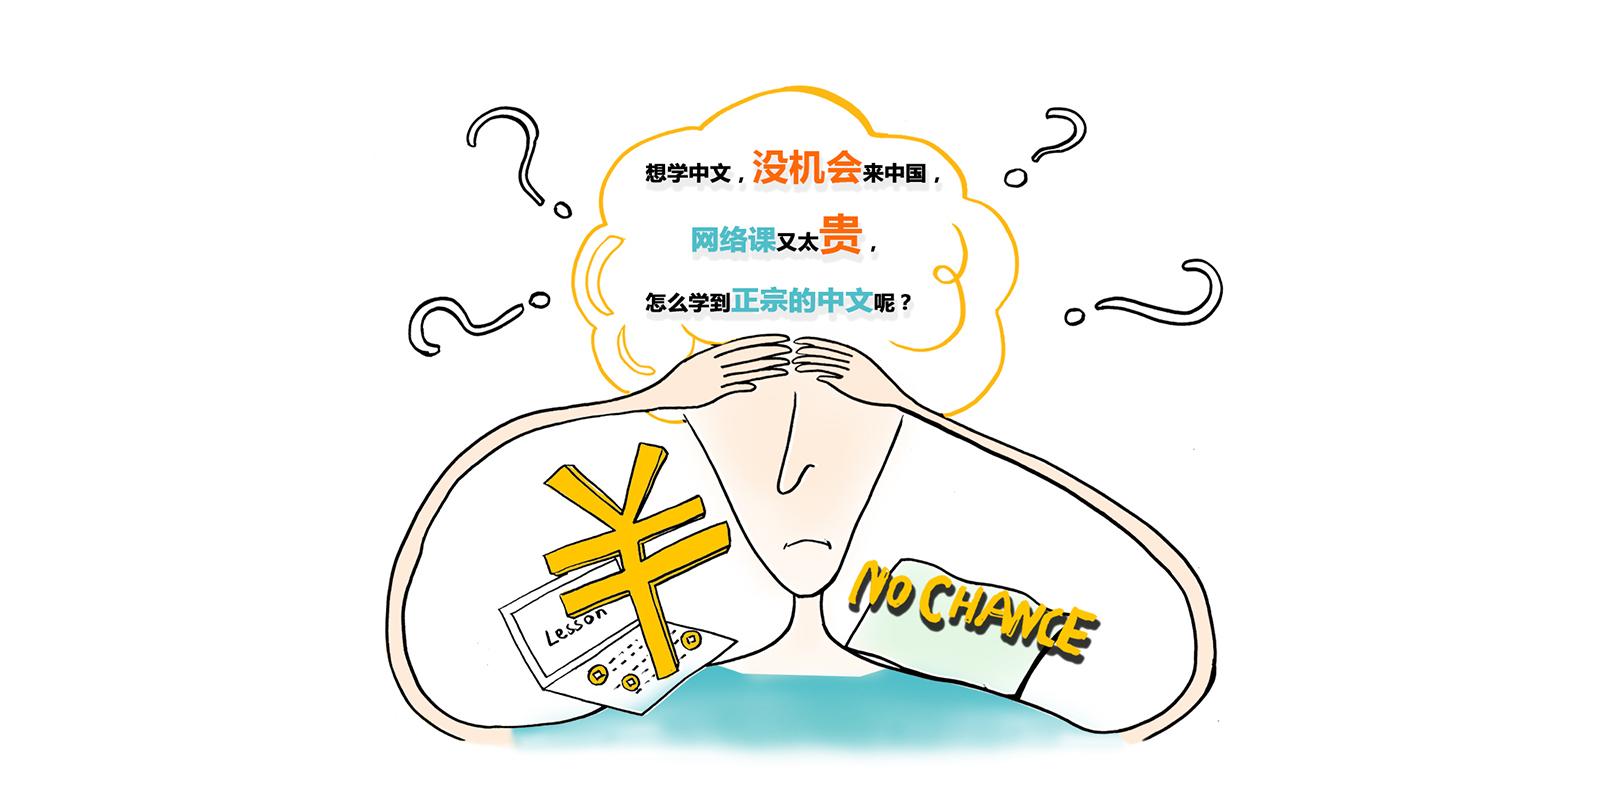 以前学过中文,回国后怕忘了,想温故而知新!-小游瓶的画廊